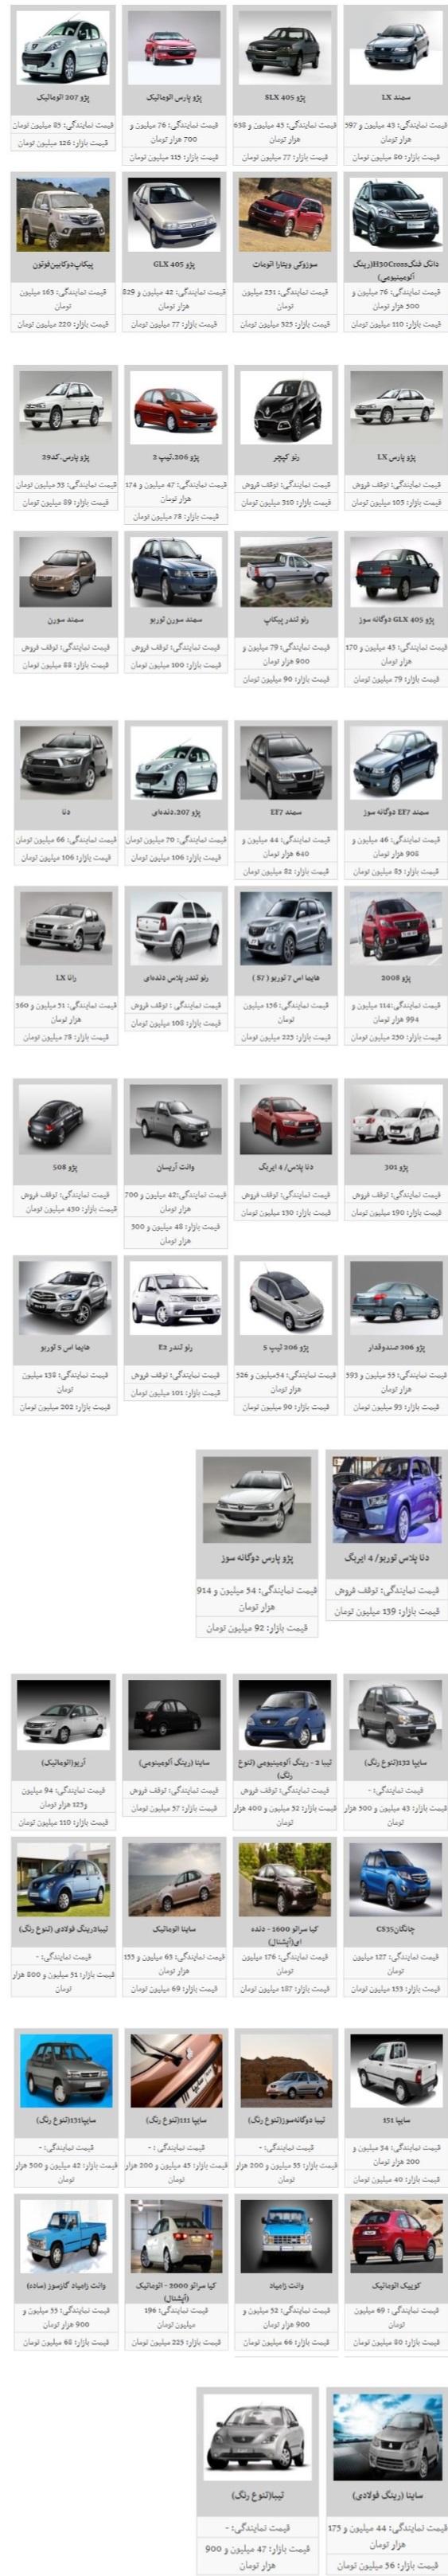 کدام خودروها بیشترین افزایش قیمت را داشتند؟/ دنا پلاس ۱۳۹ میلیون تومان شد